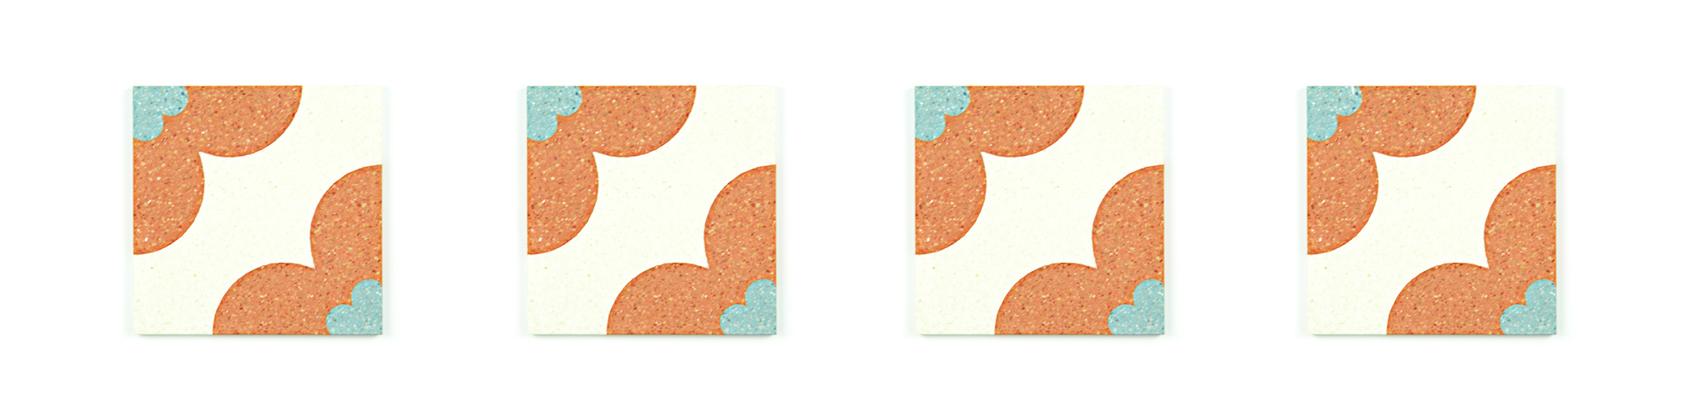 slide-mipa-arancione-90-gradi